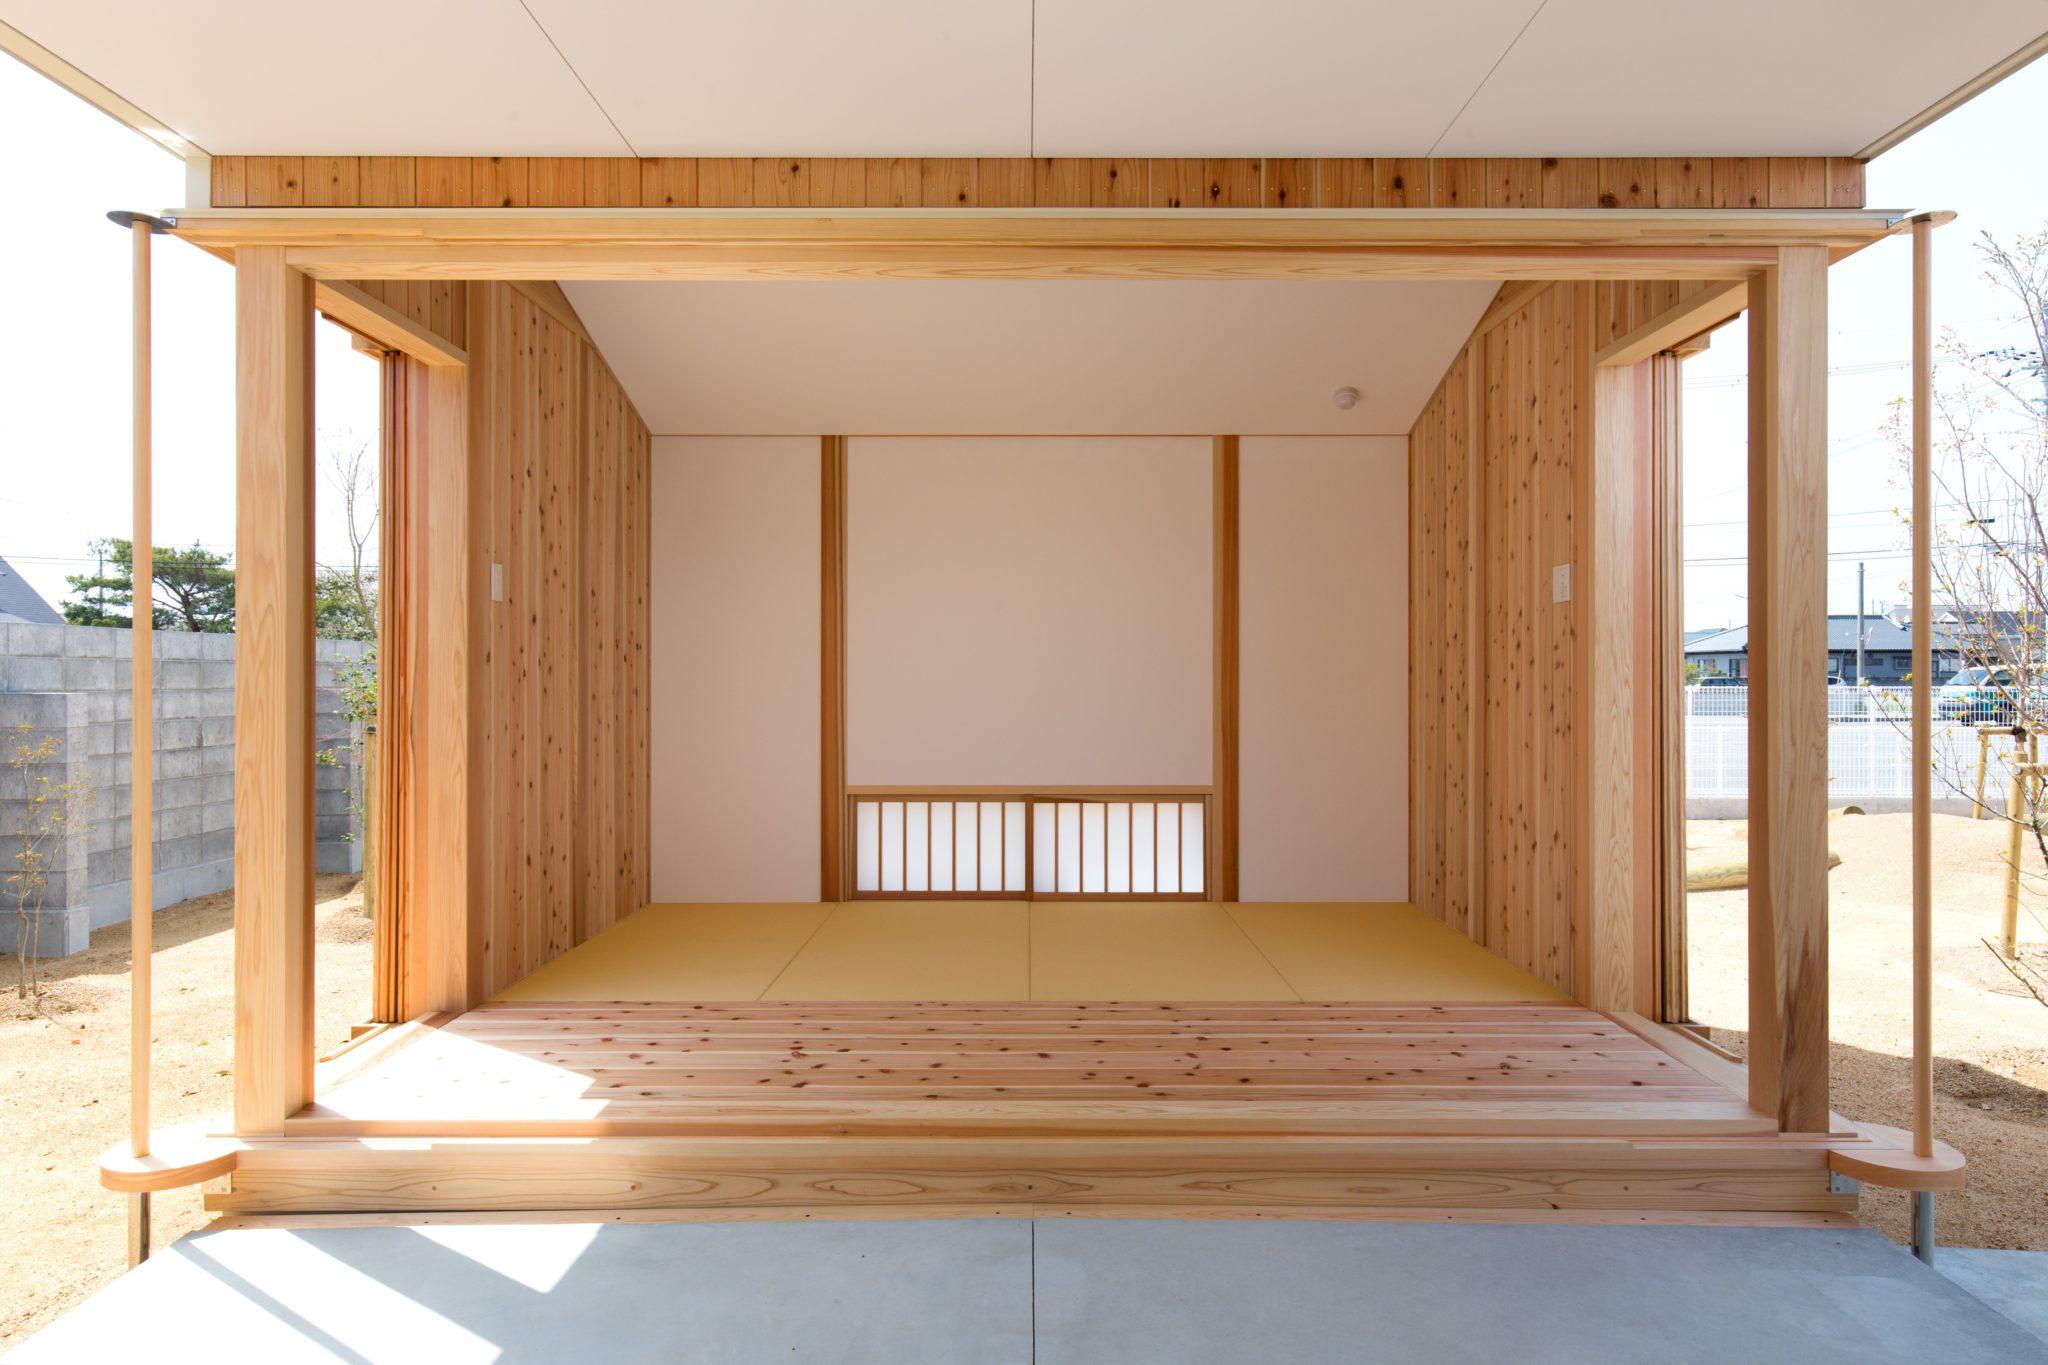 板戸を開け放した作法室 角は柱に沿わせて廻して両サイドの戸袋へ 栗林公園の掬月亭に倣いました